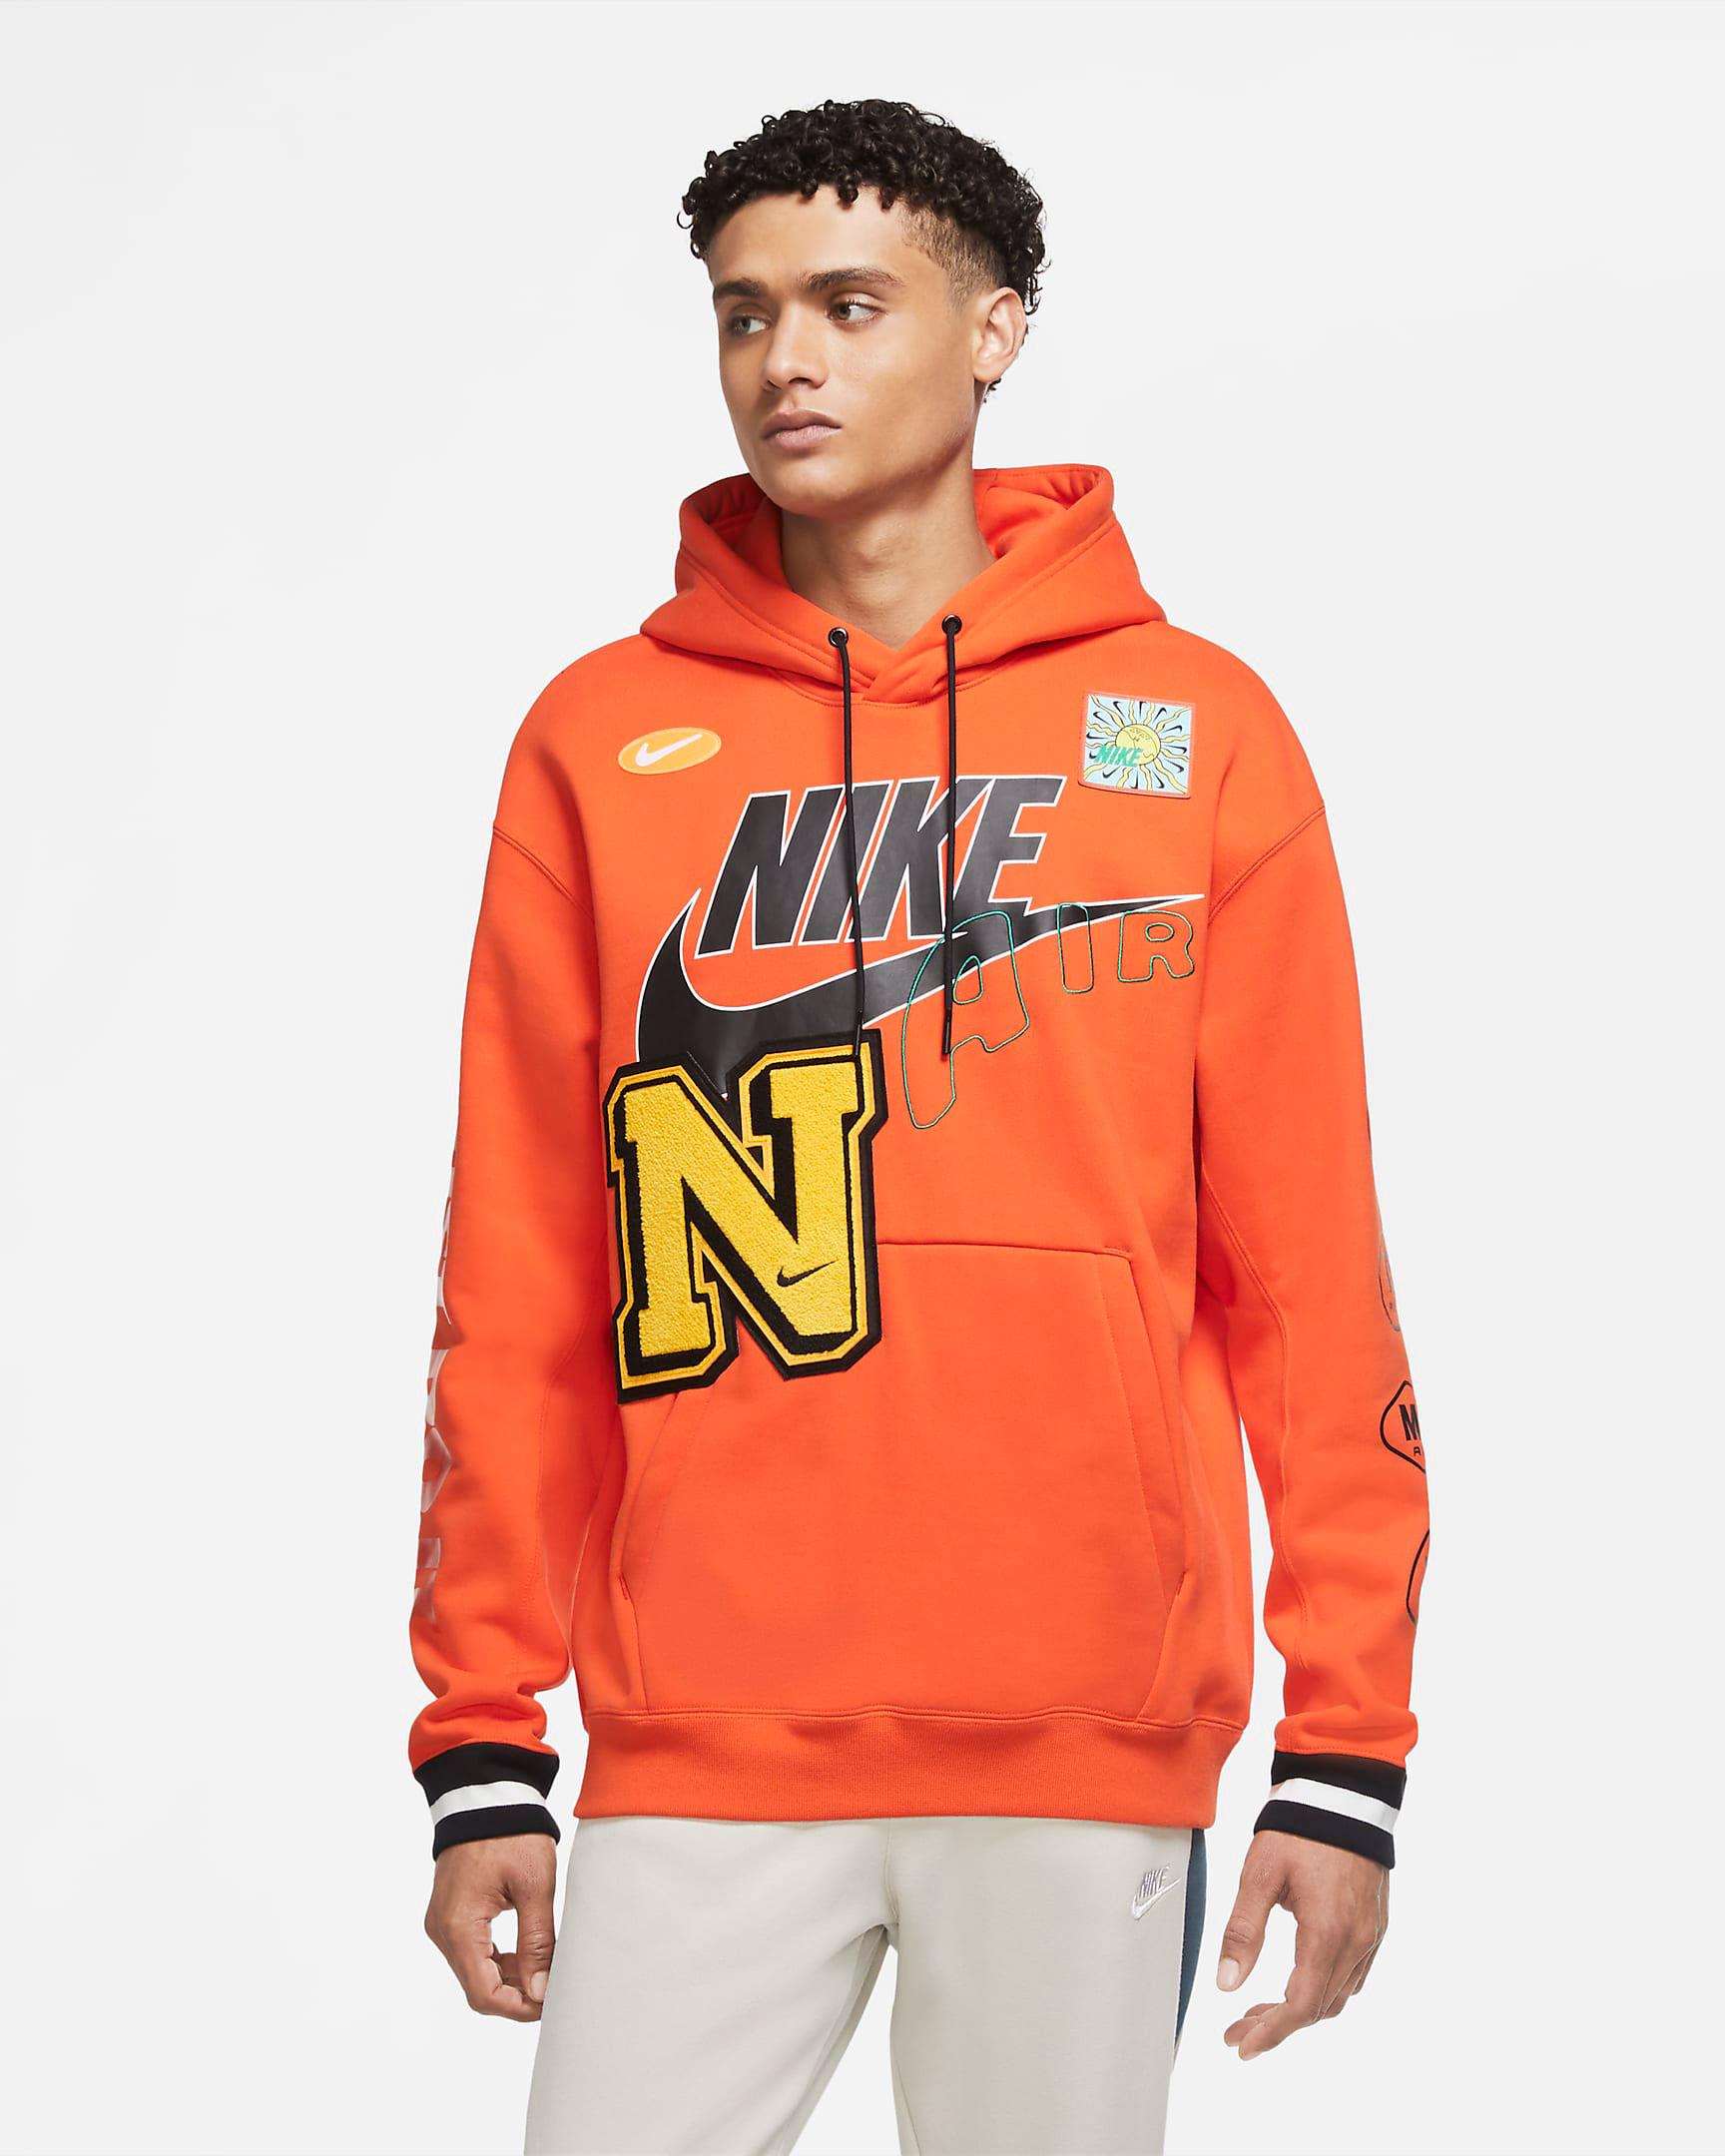 nike-air-force-1-orange-skeleton-hoodie-match-1